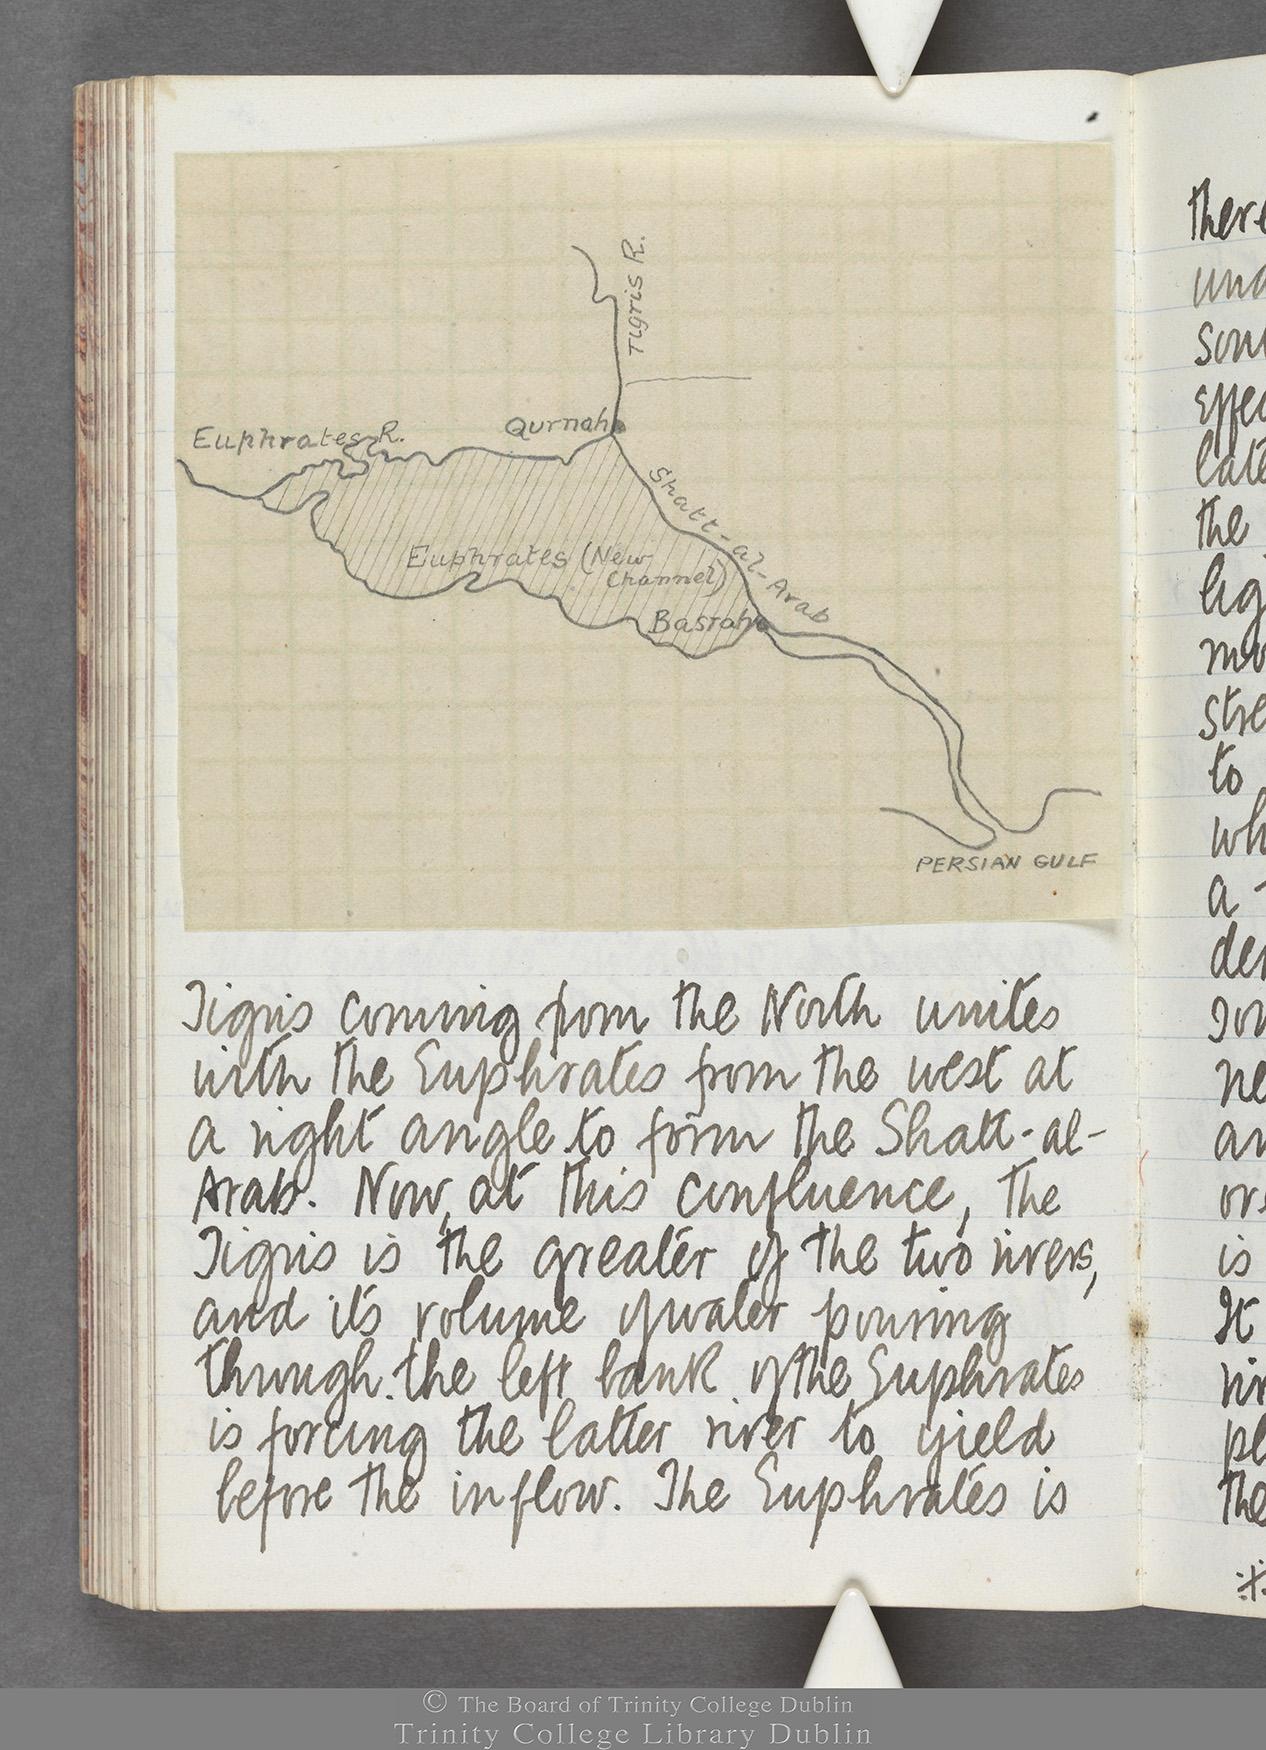 TCD MS 10516 folio 86 verso